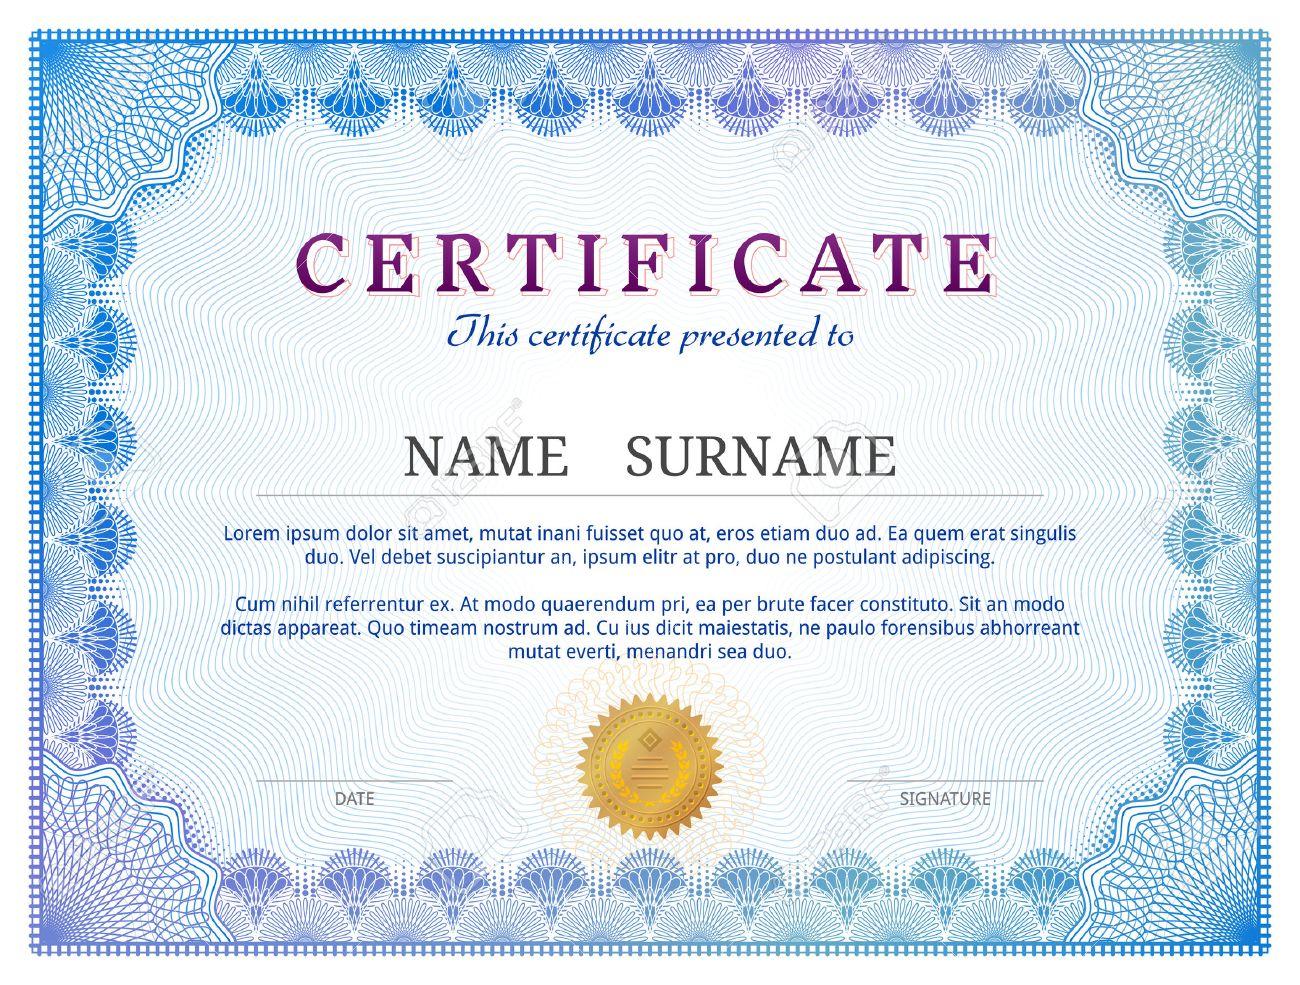 Шаблон сертификатов с гильоше элементов Синий диплом границы  Шаблон сертификатов с гильоше элементов Синий диплом границы дизайн для личного присвоения Качественный вектор